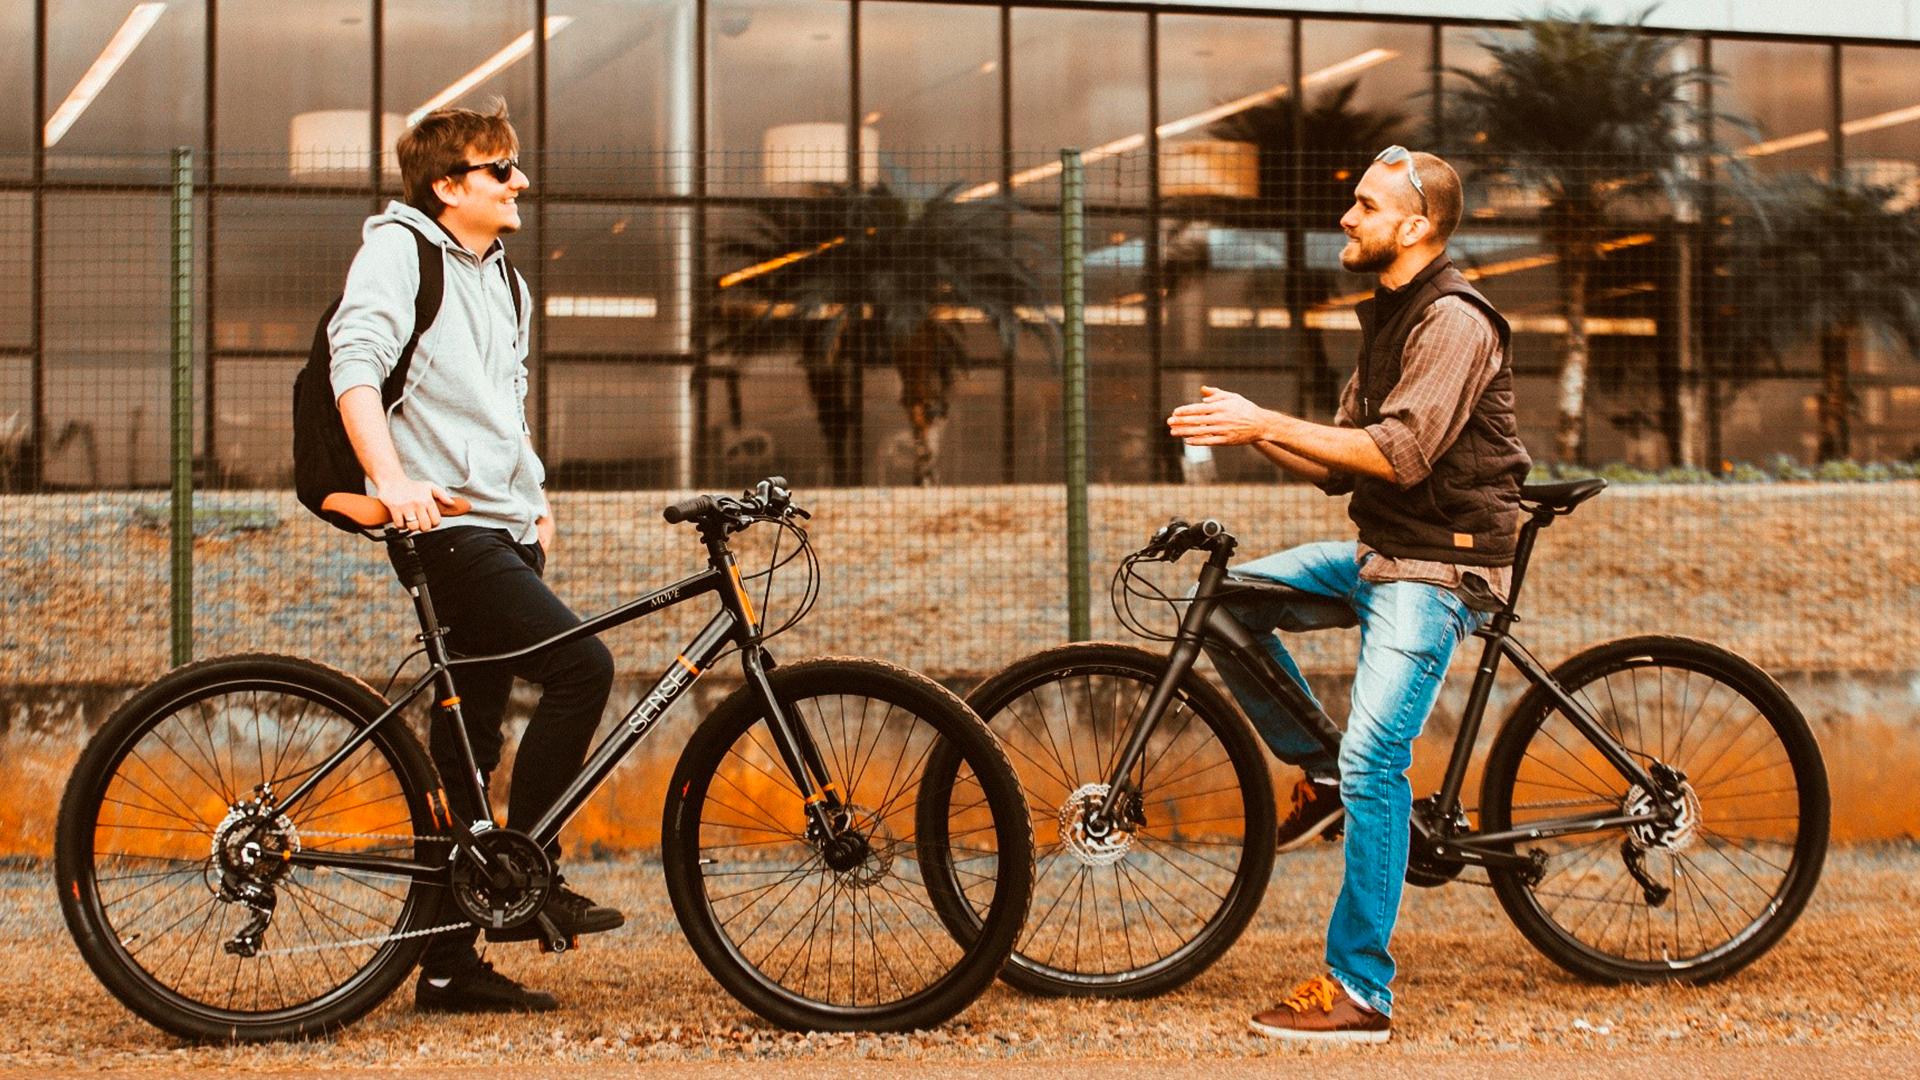 Qual bicicleta escolher para começar a pedalar - Revista Bicicleta